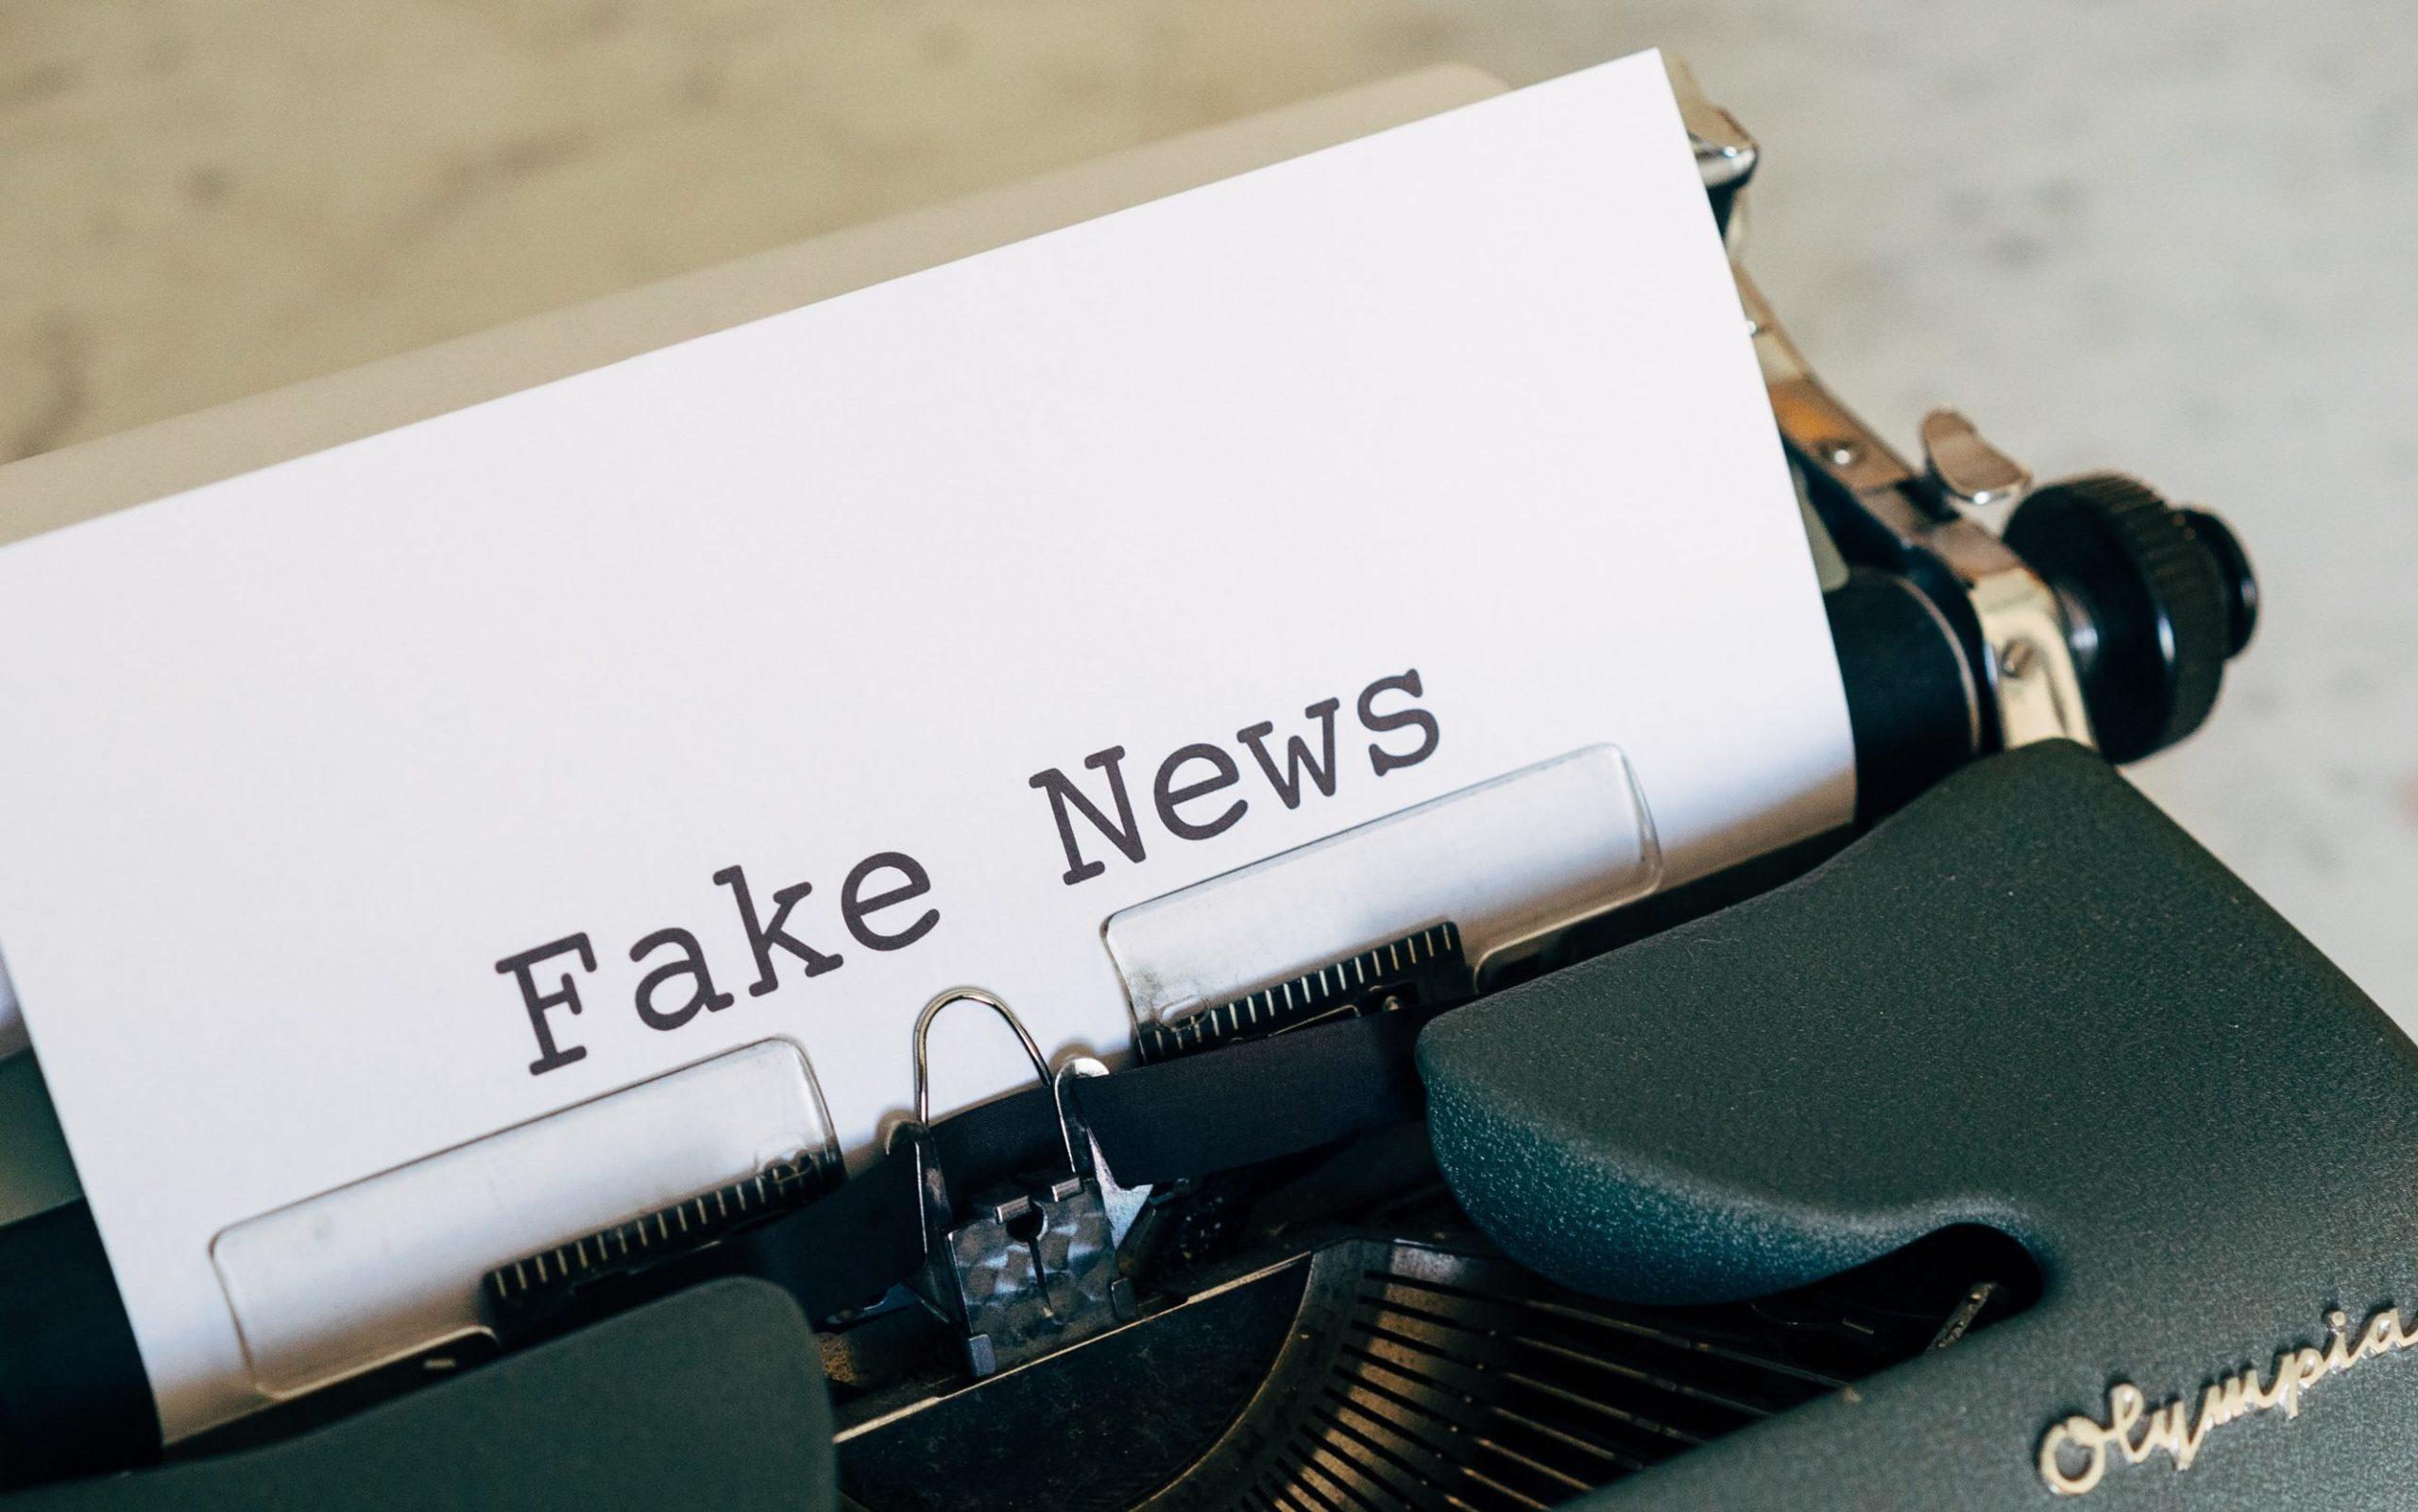 les fake news en Afrique, facteurs de coupures d'internet